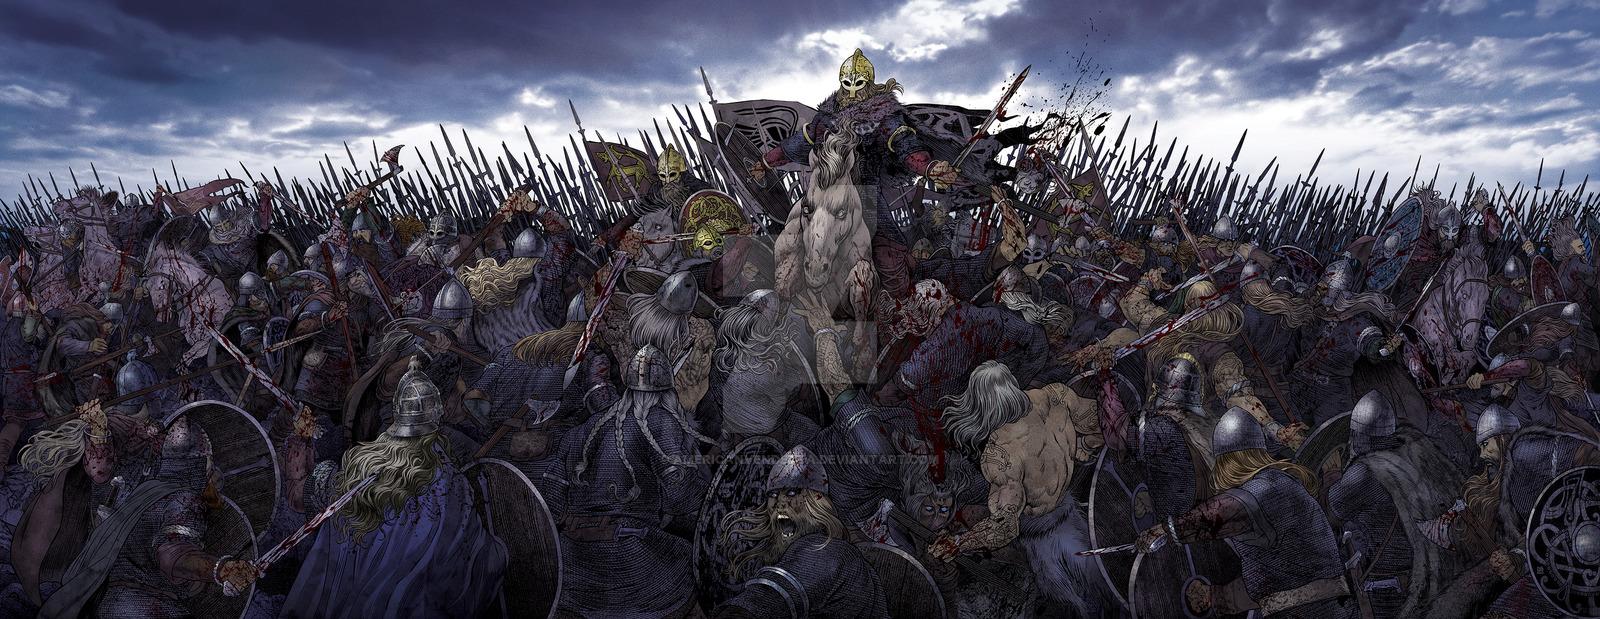 встреча девушек картинки викинги в бою центральным